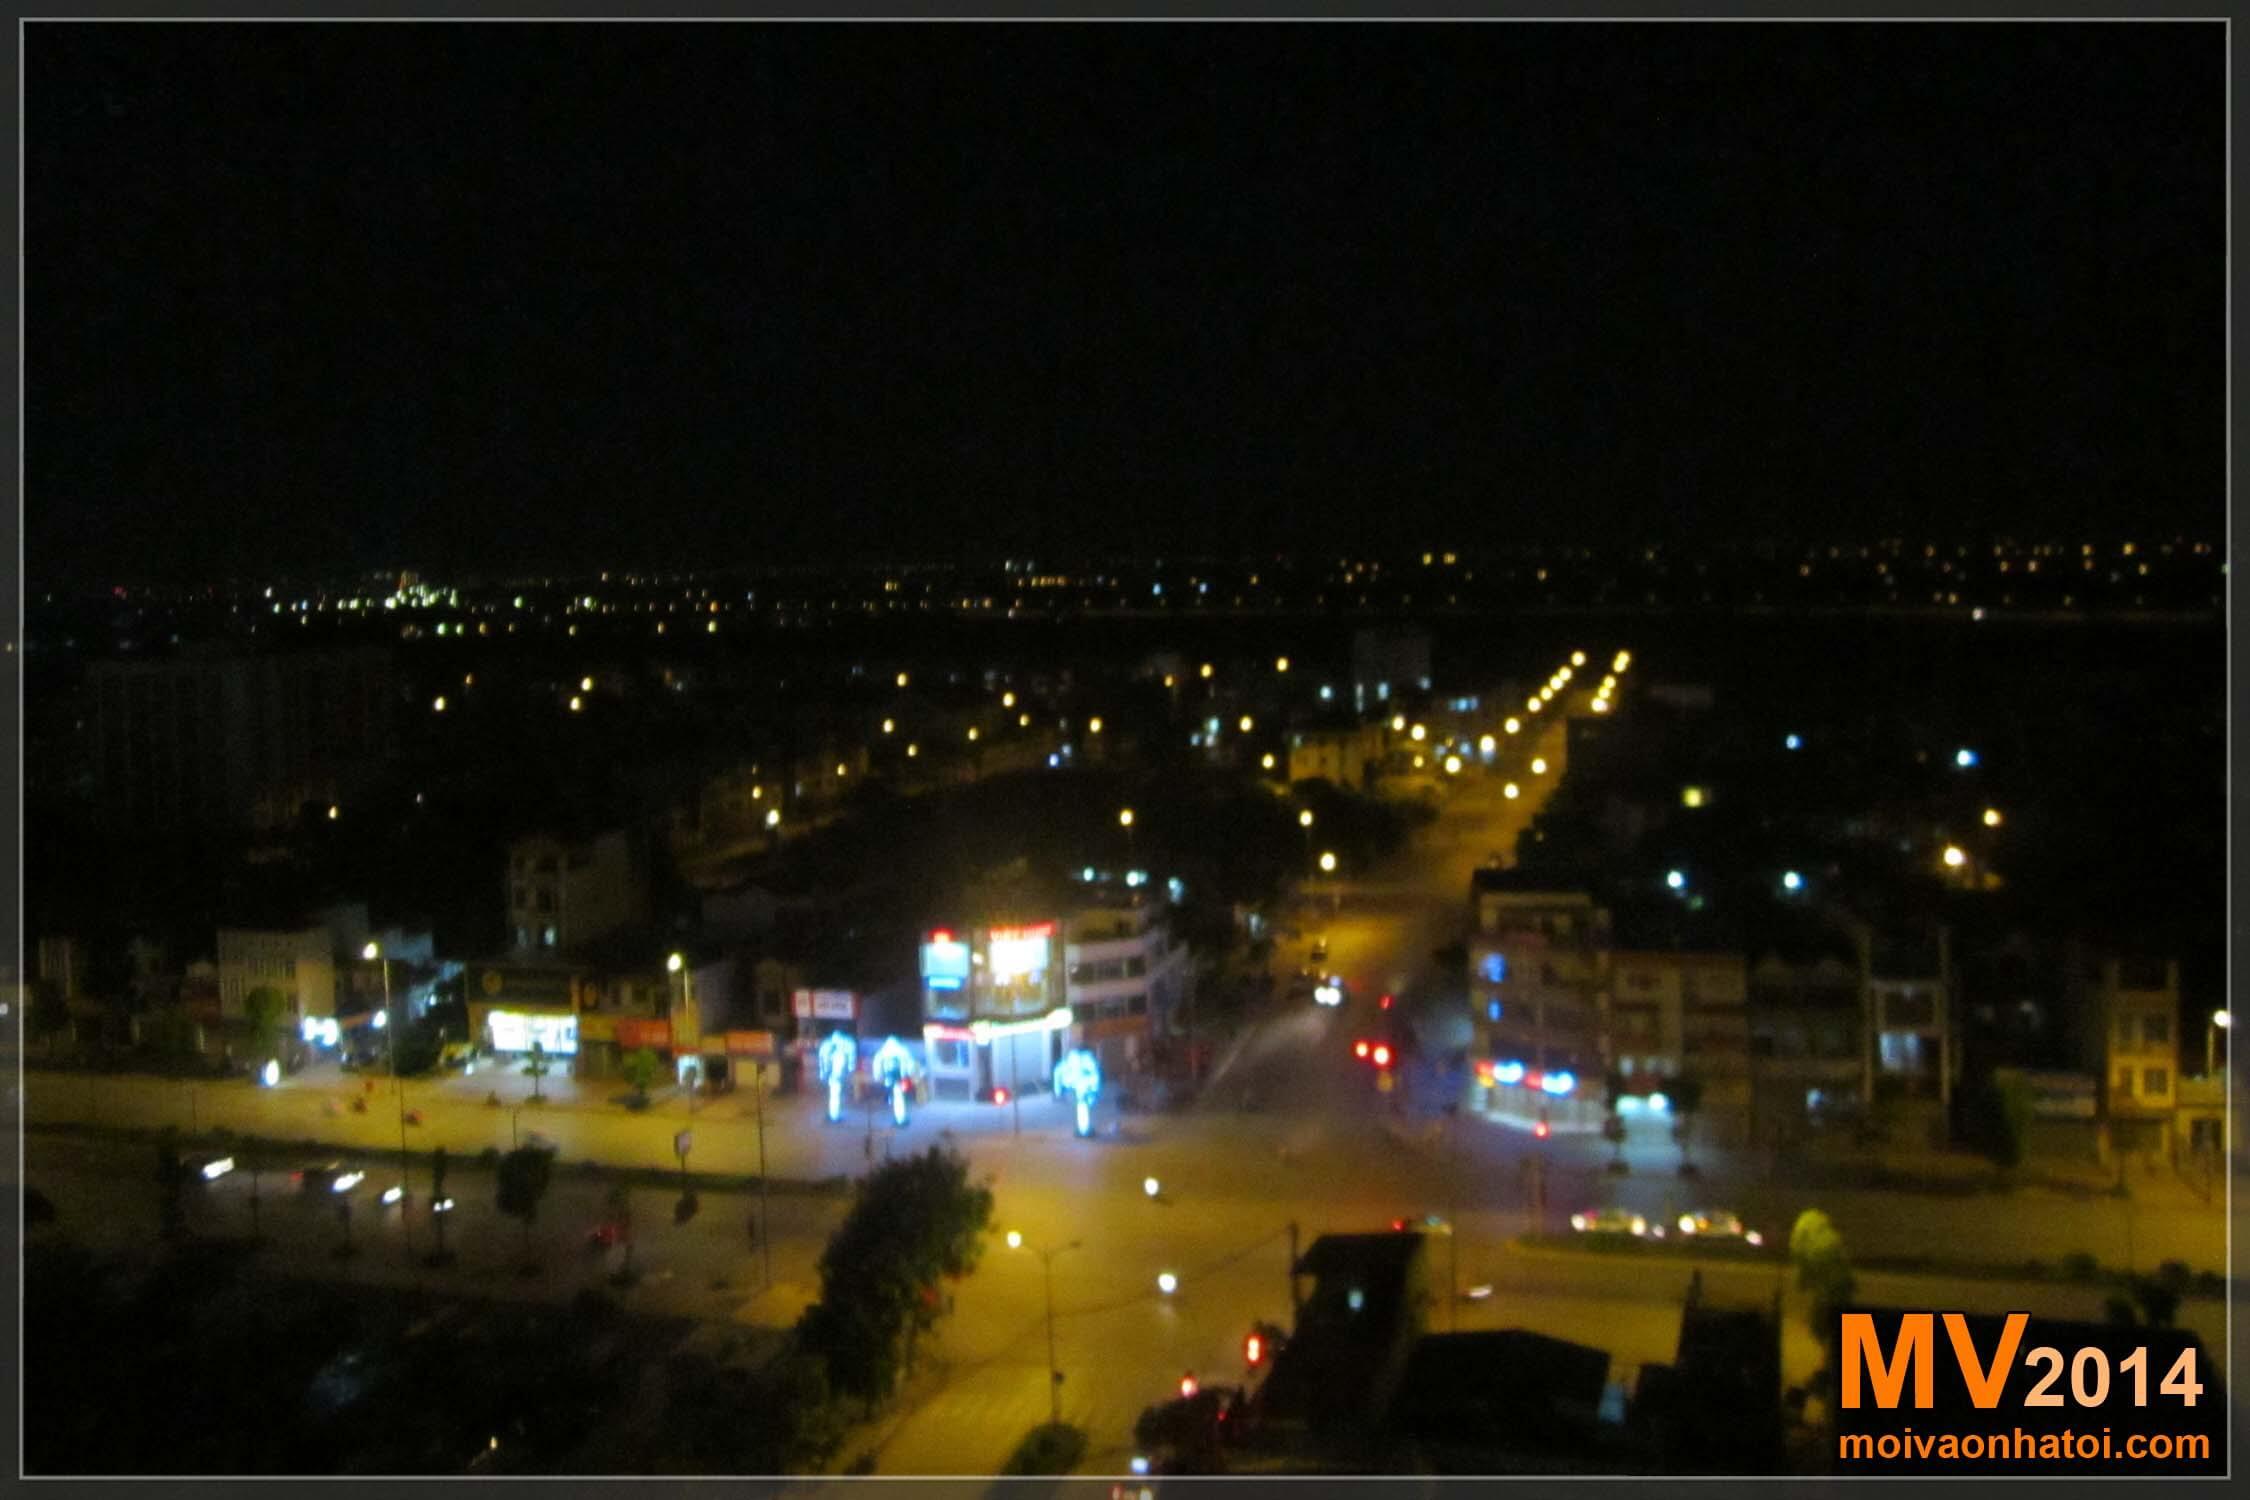 Hình ảnh đường Ngô Gia Tự khi về đêm 0h nhìn từ căn hộ chung cư Việt Hưng H3